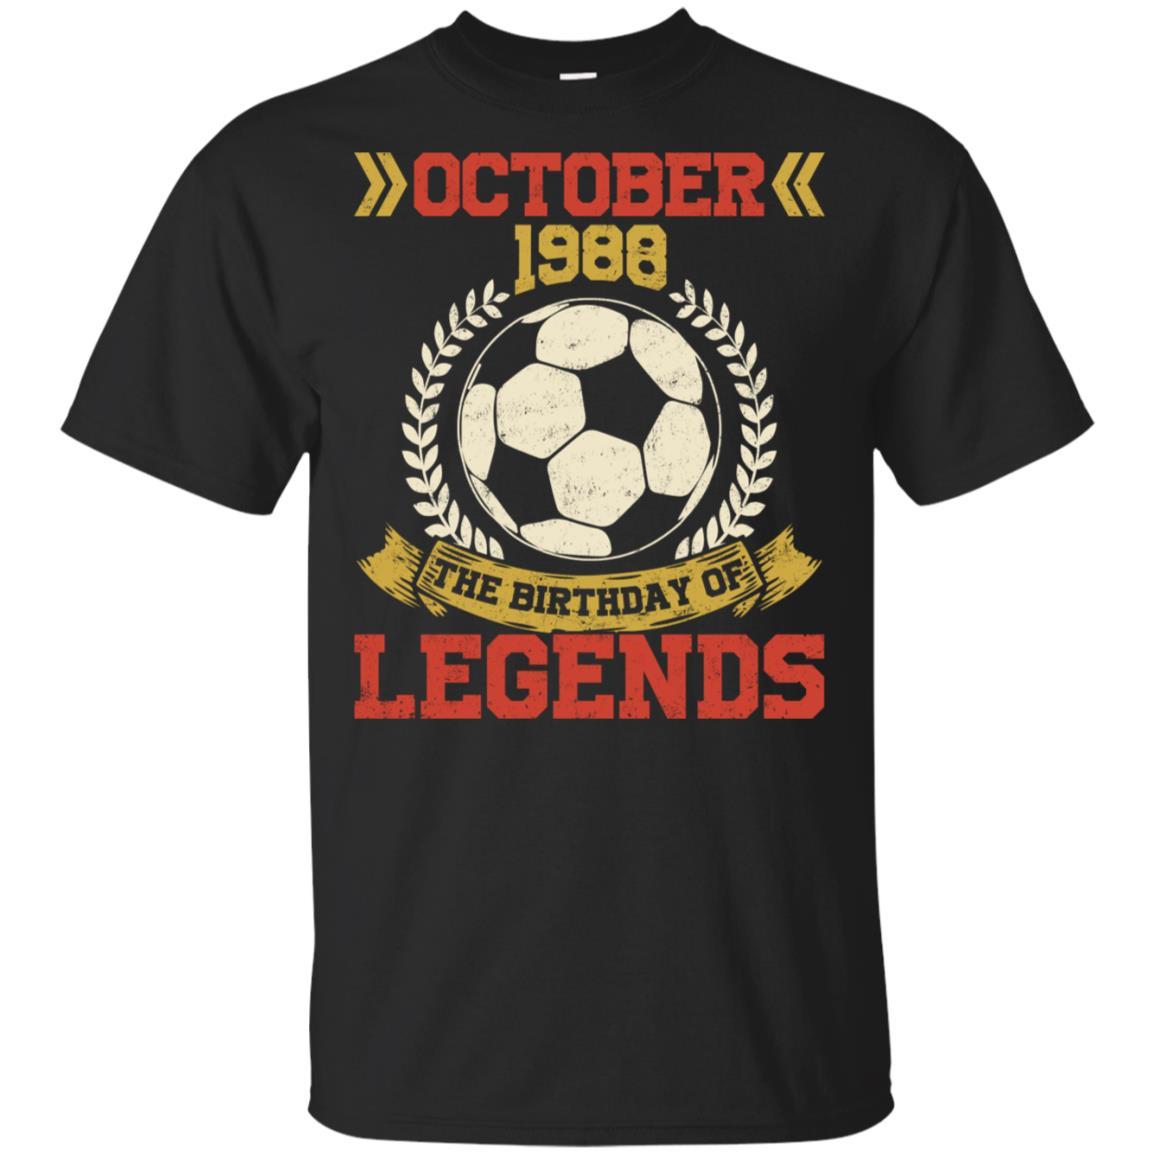 1988 October 30th Birthday Of Football Soccer Legend Unisex Short Sleeve